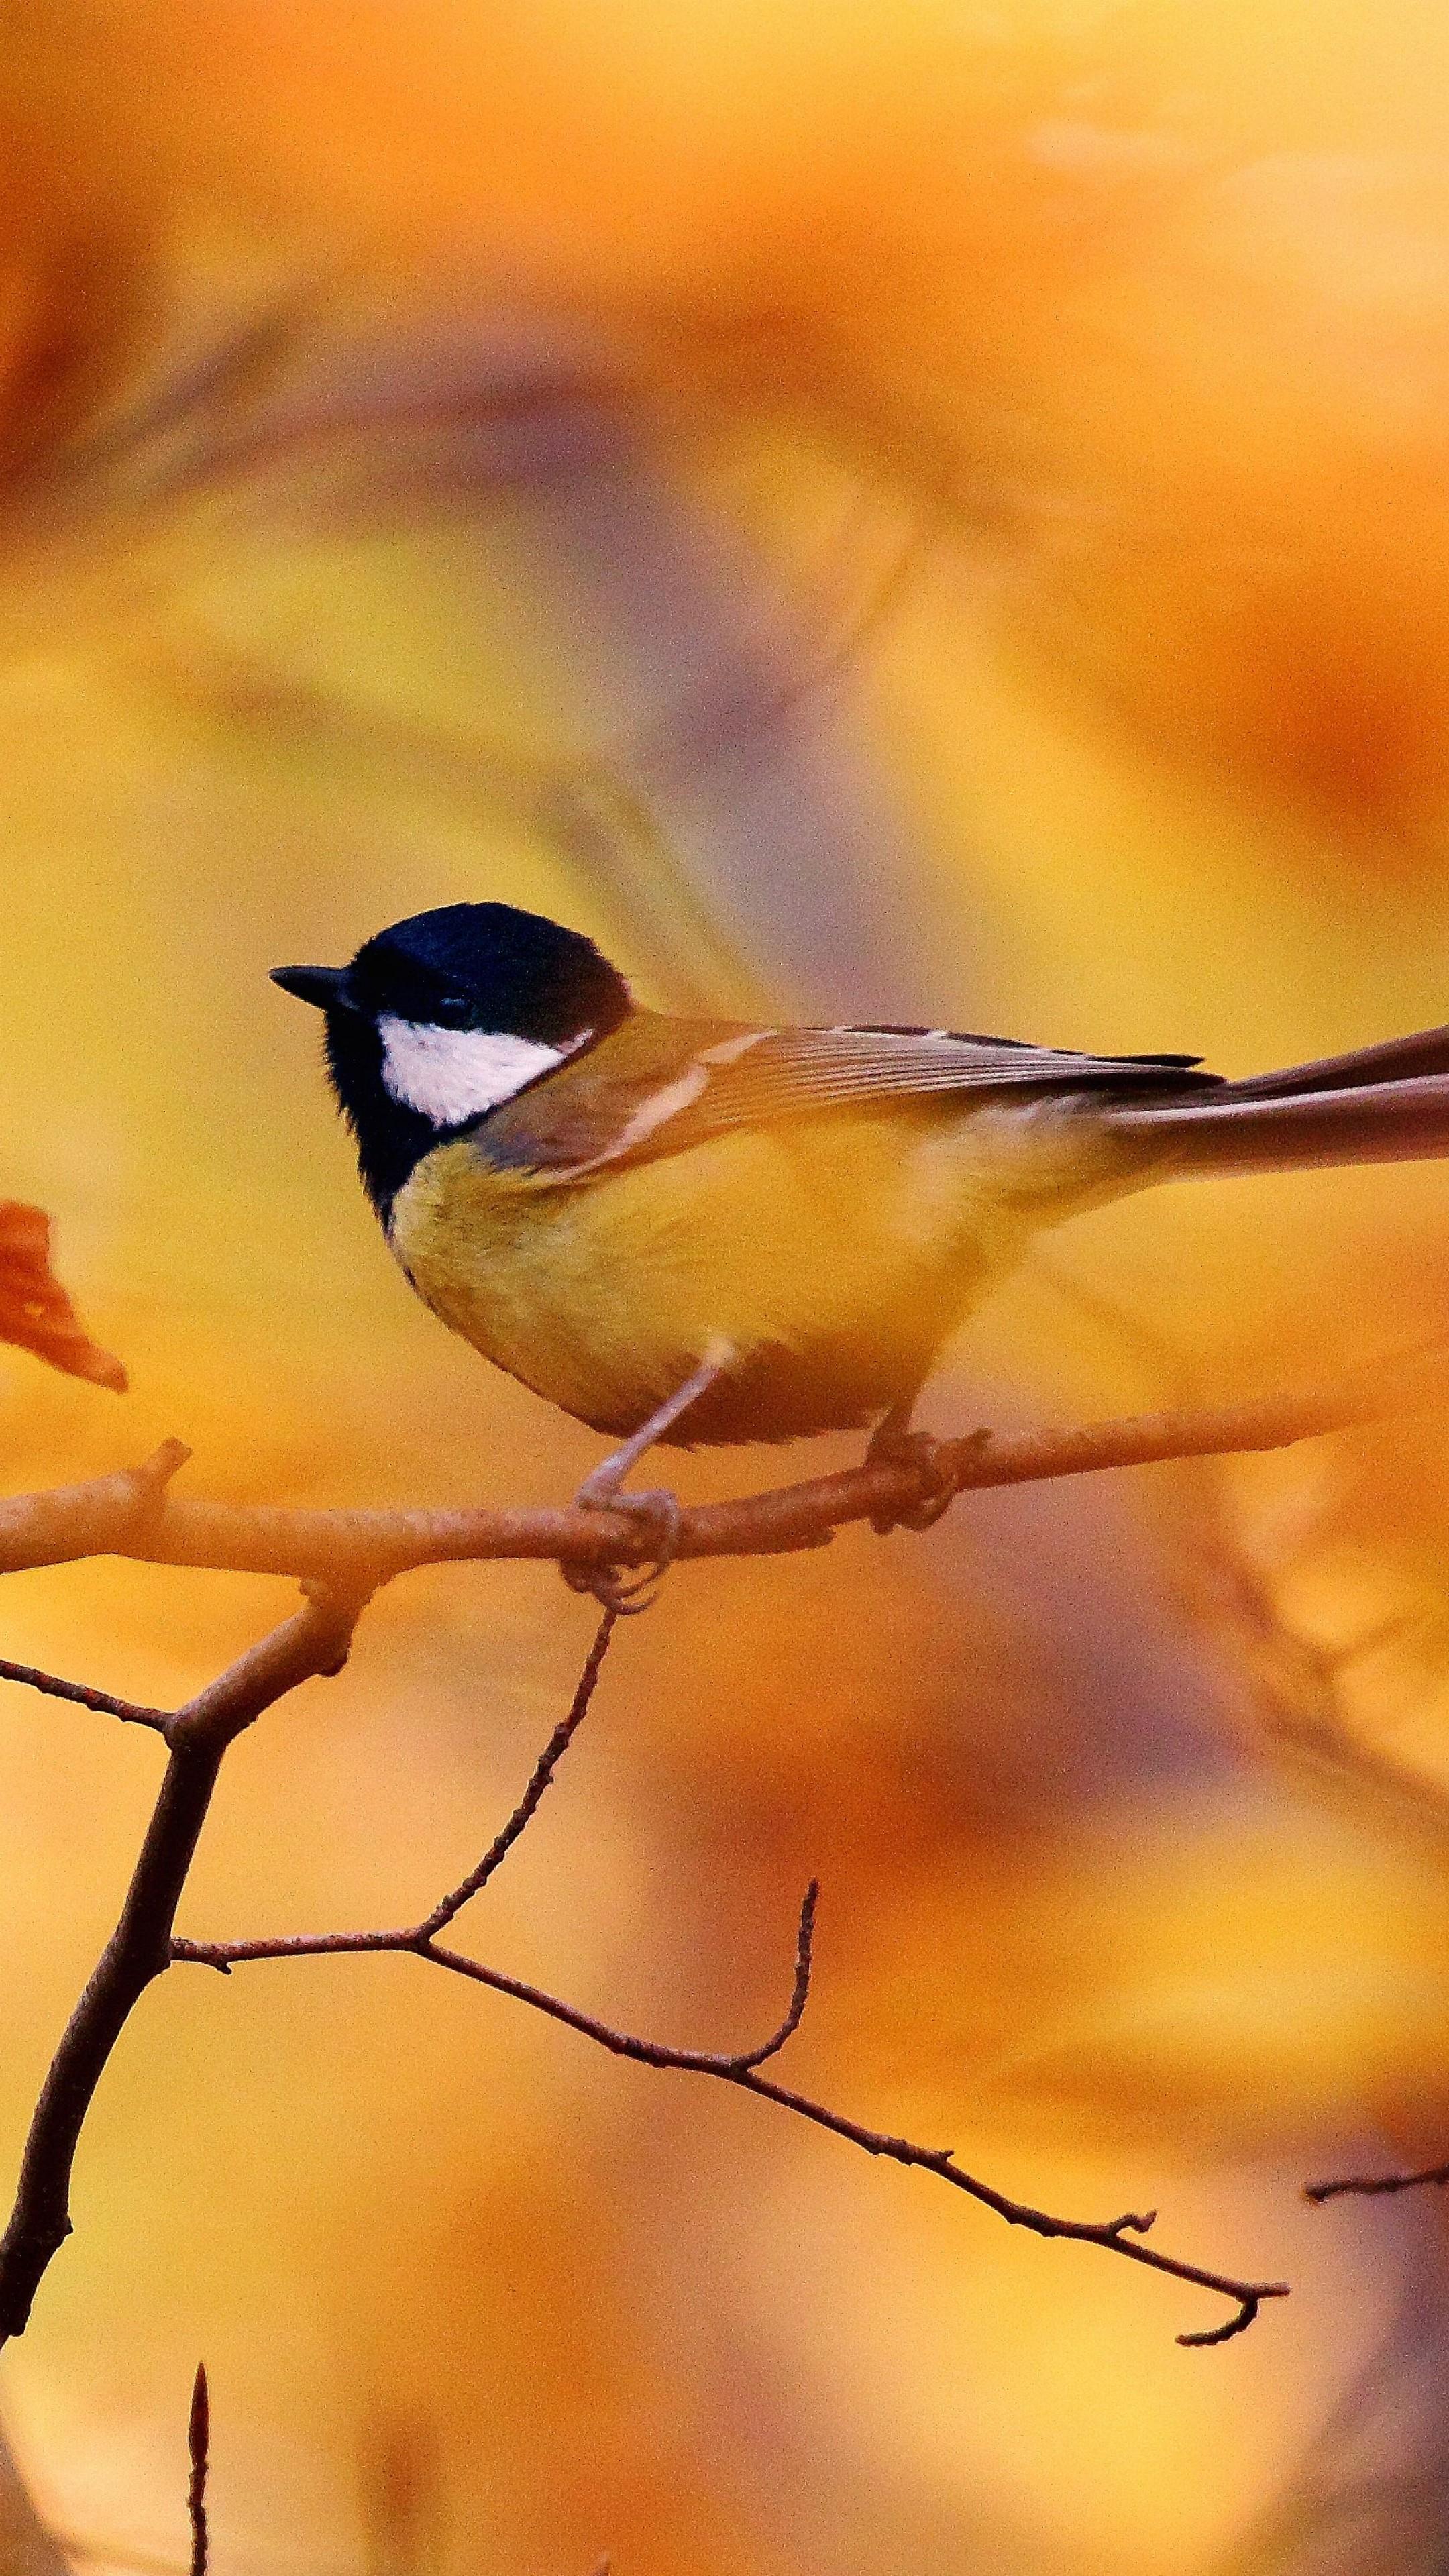 Lake Forest Sports Cars >> Wallpaper Tit, autumn, tree, blur, Animals #4523